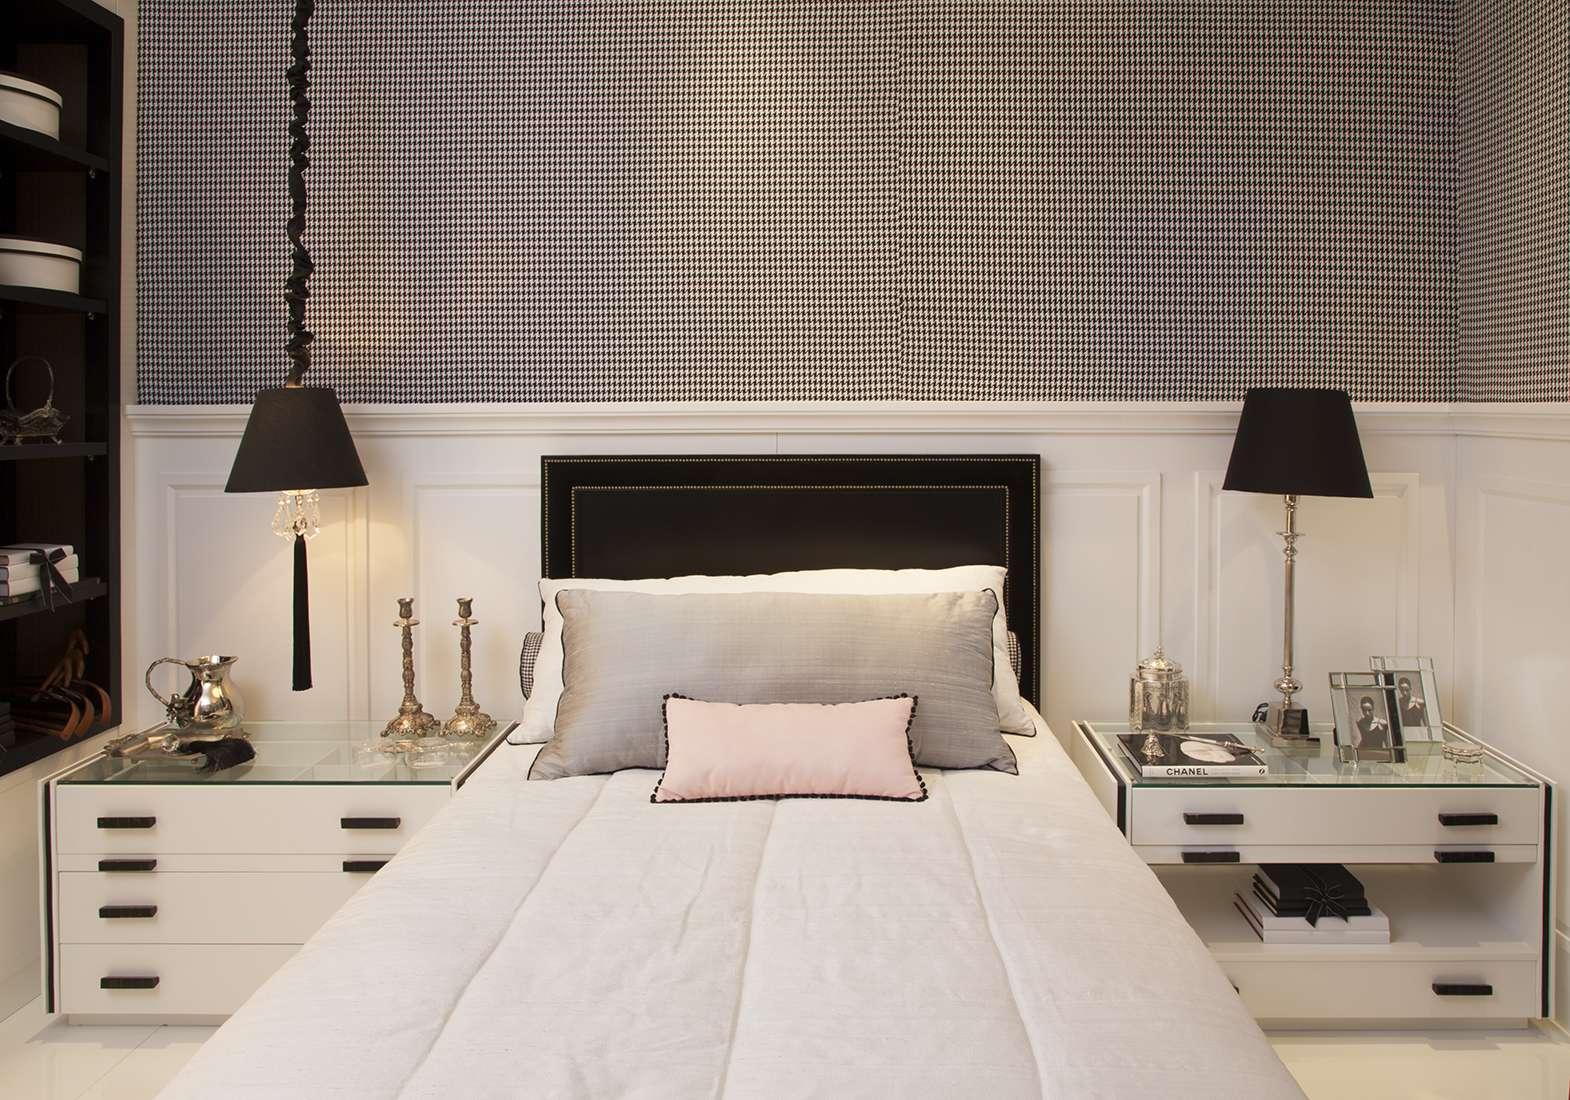 Arquiteta cria quarto de solteira inspirado em Coco Chanel